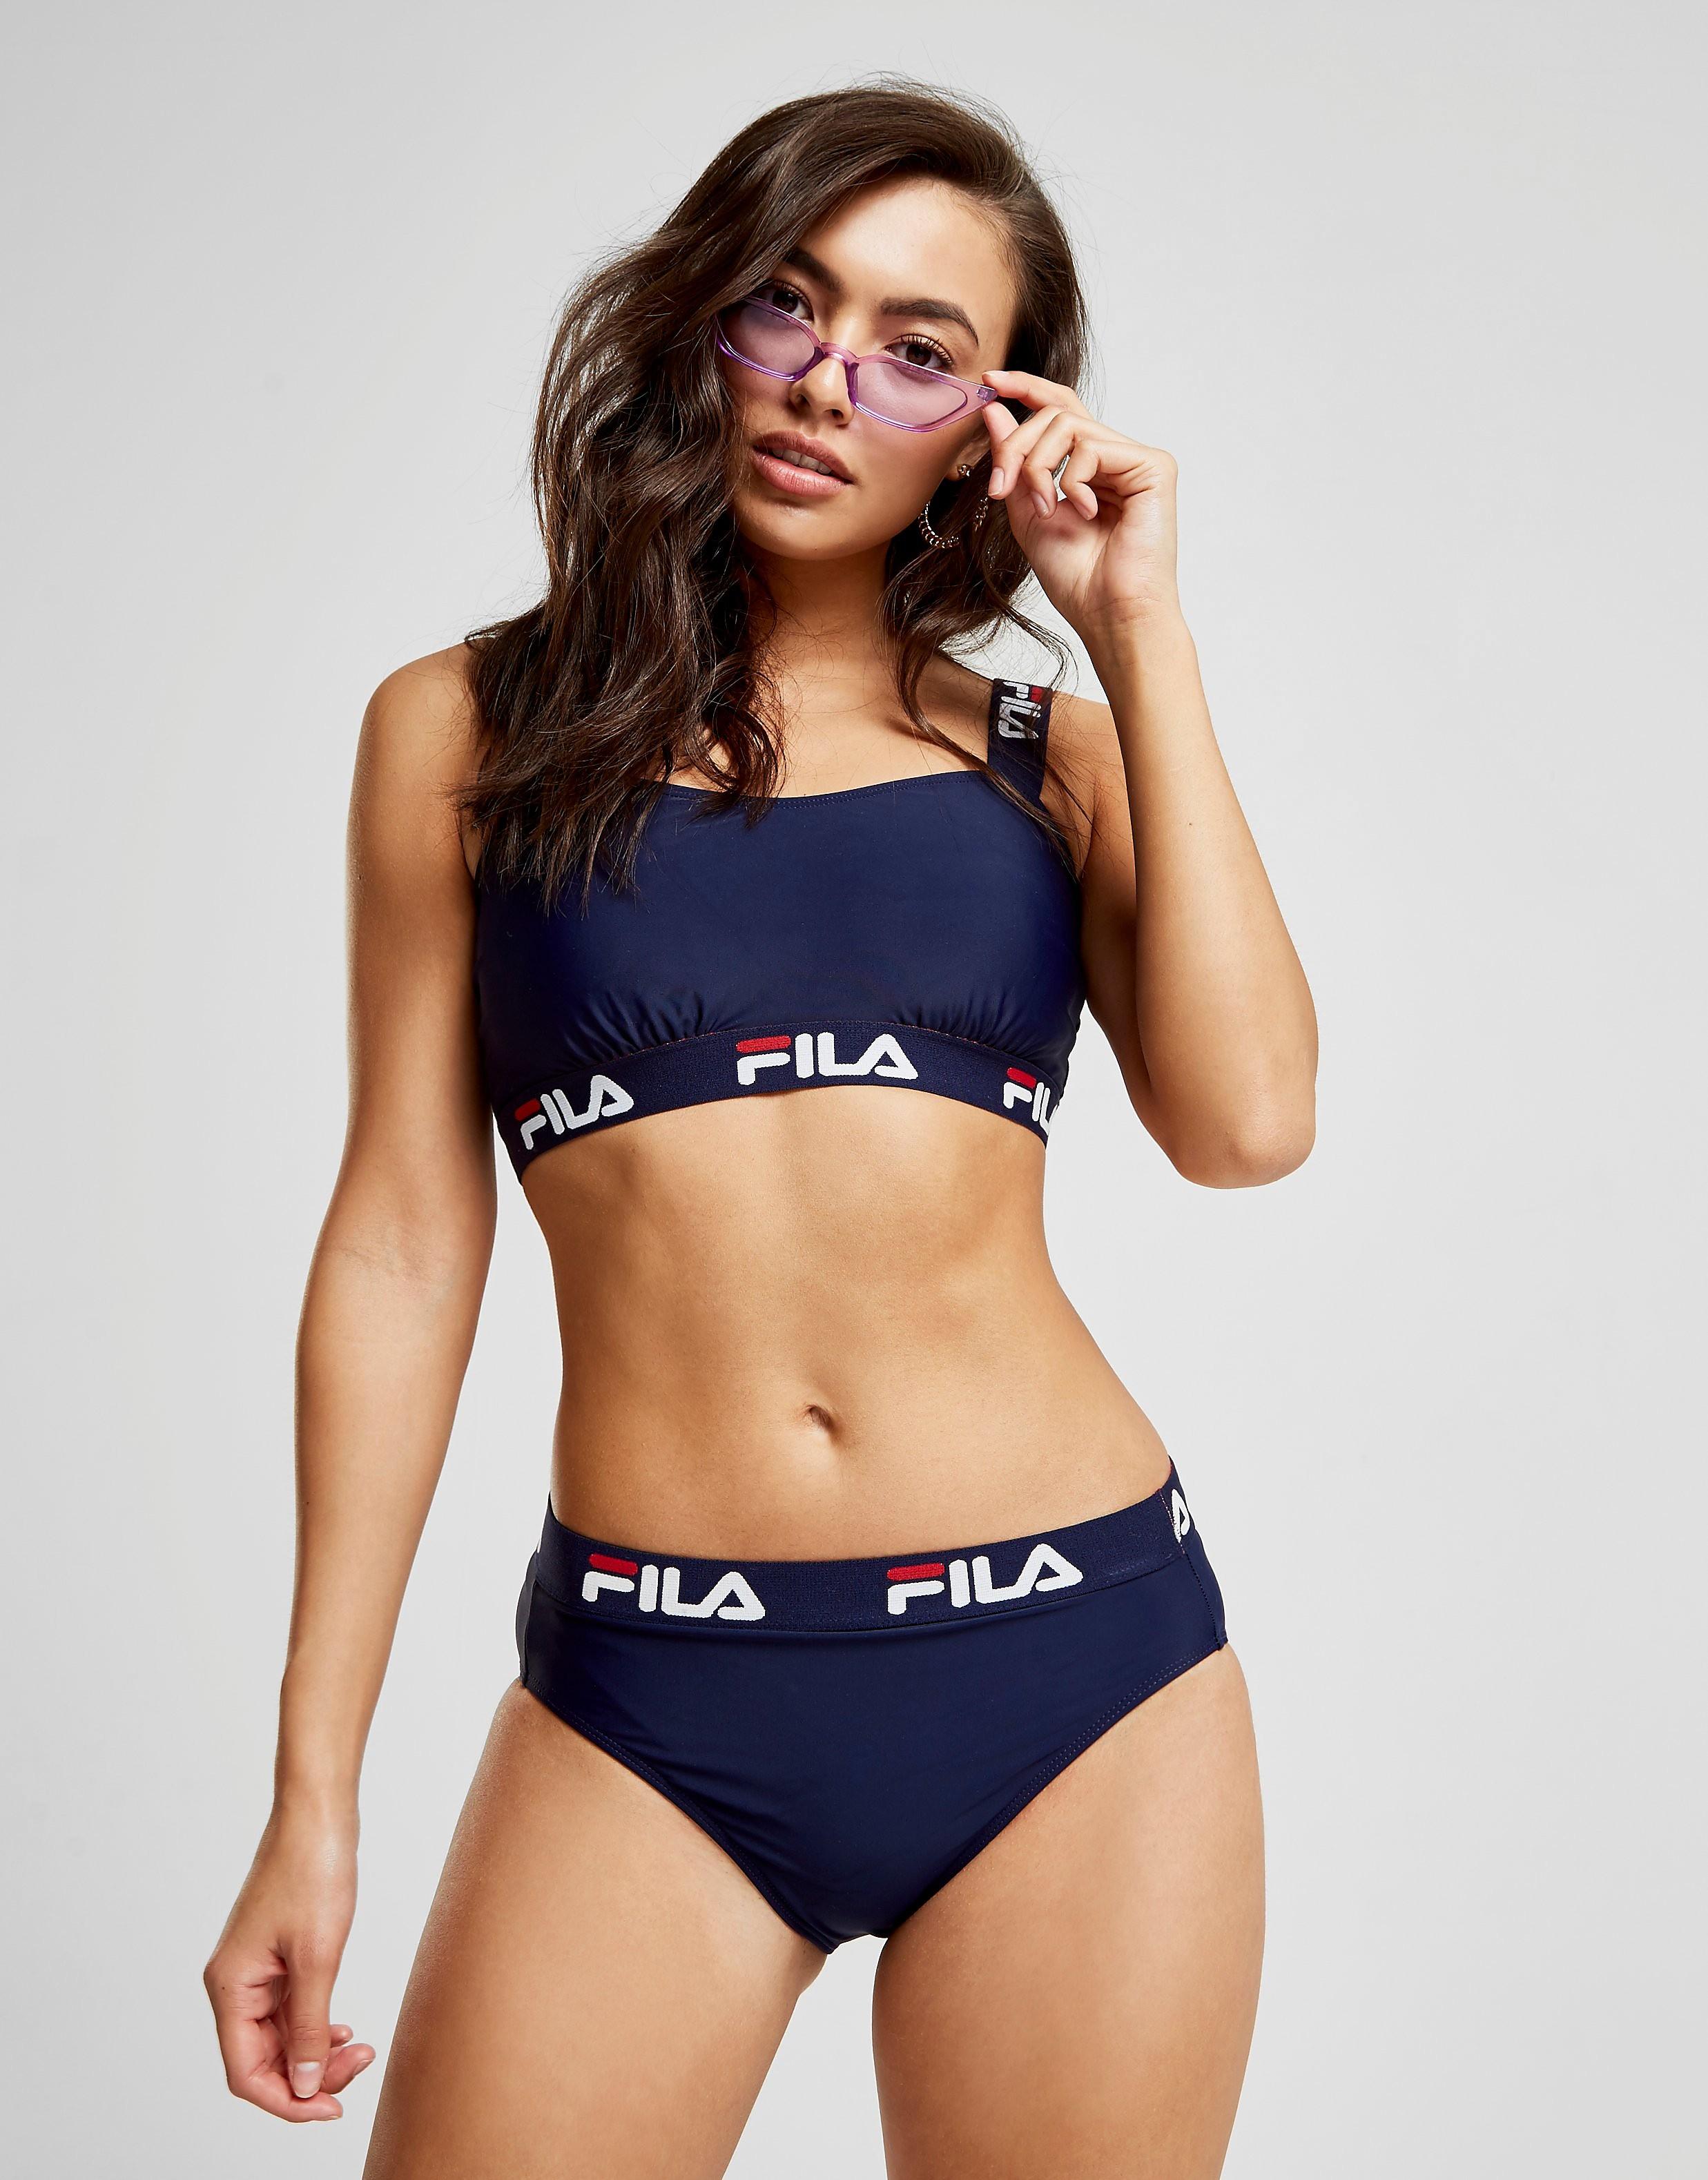 Fila Tape Bikini Top